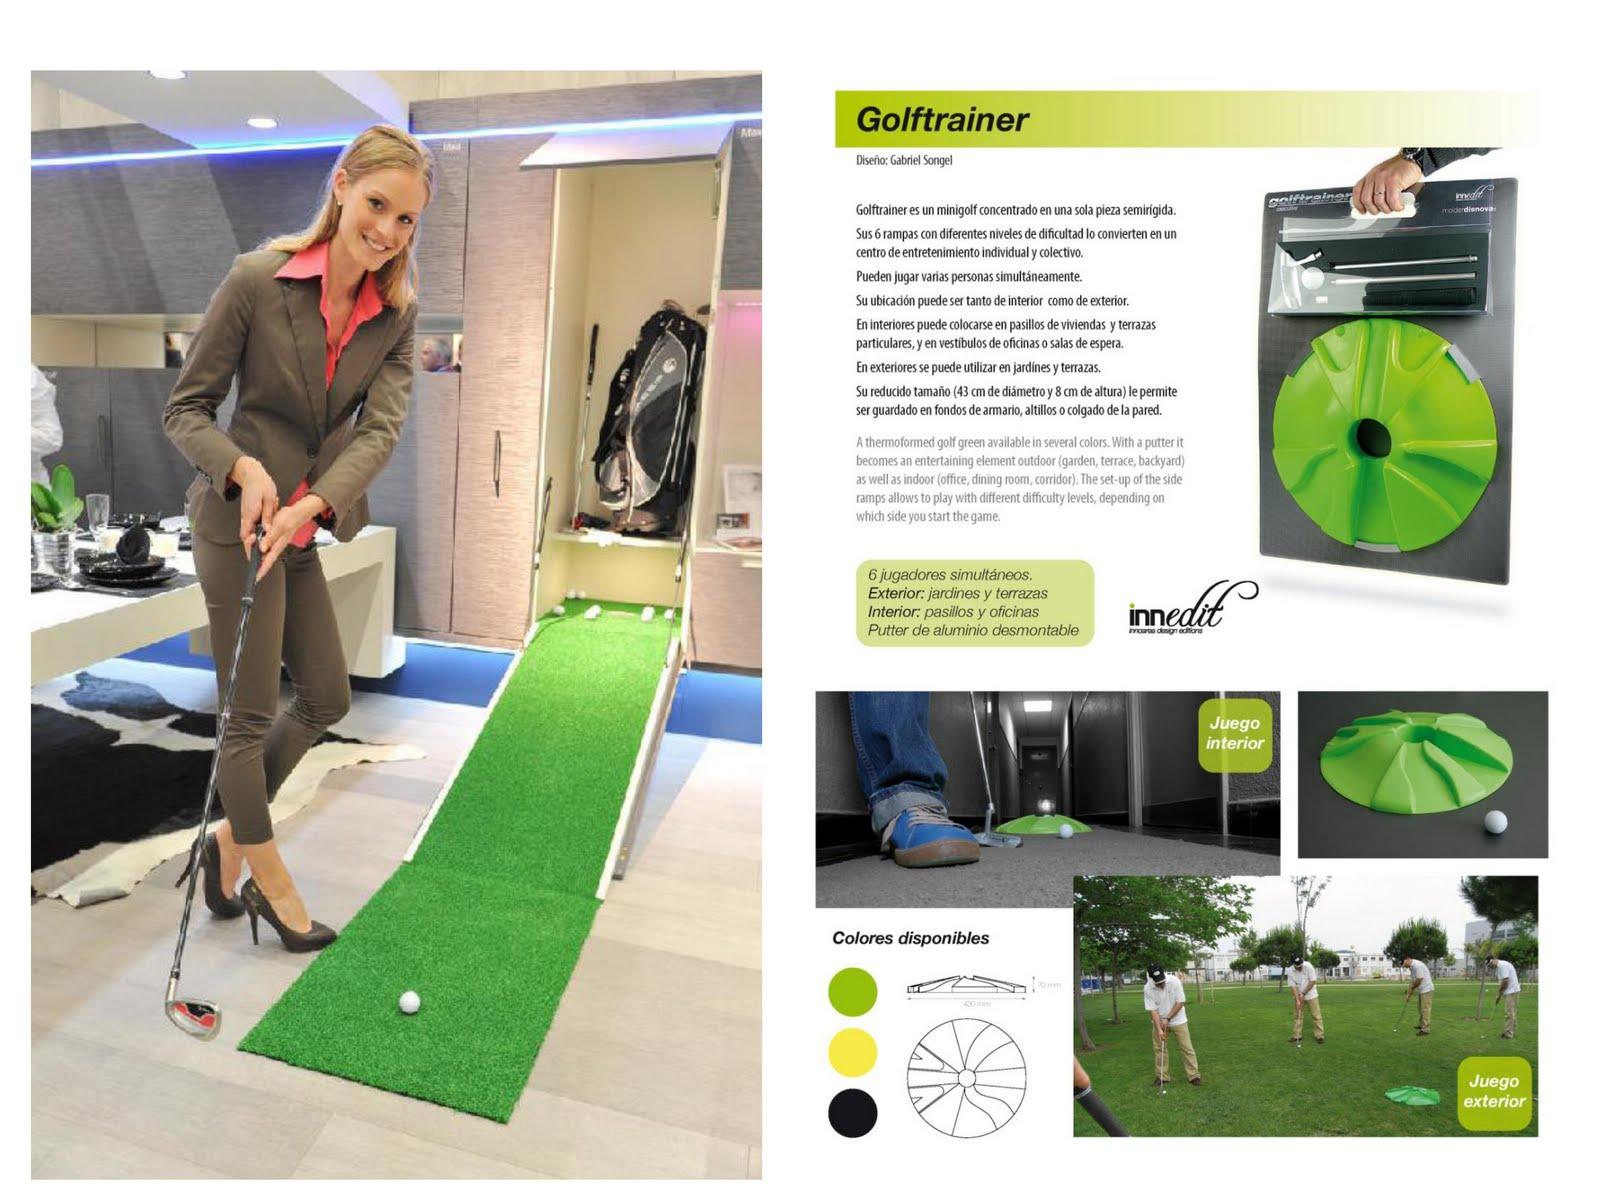 Gabriel songel minigolf entre tendencias minigolf among for Juego de golf para oficina